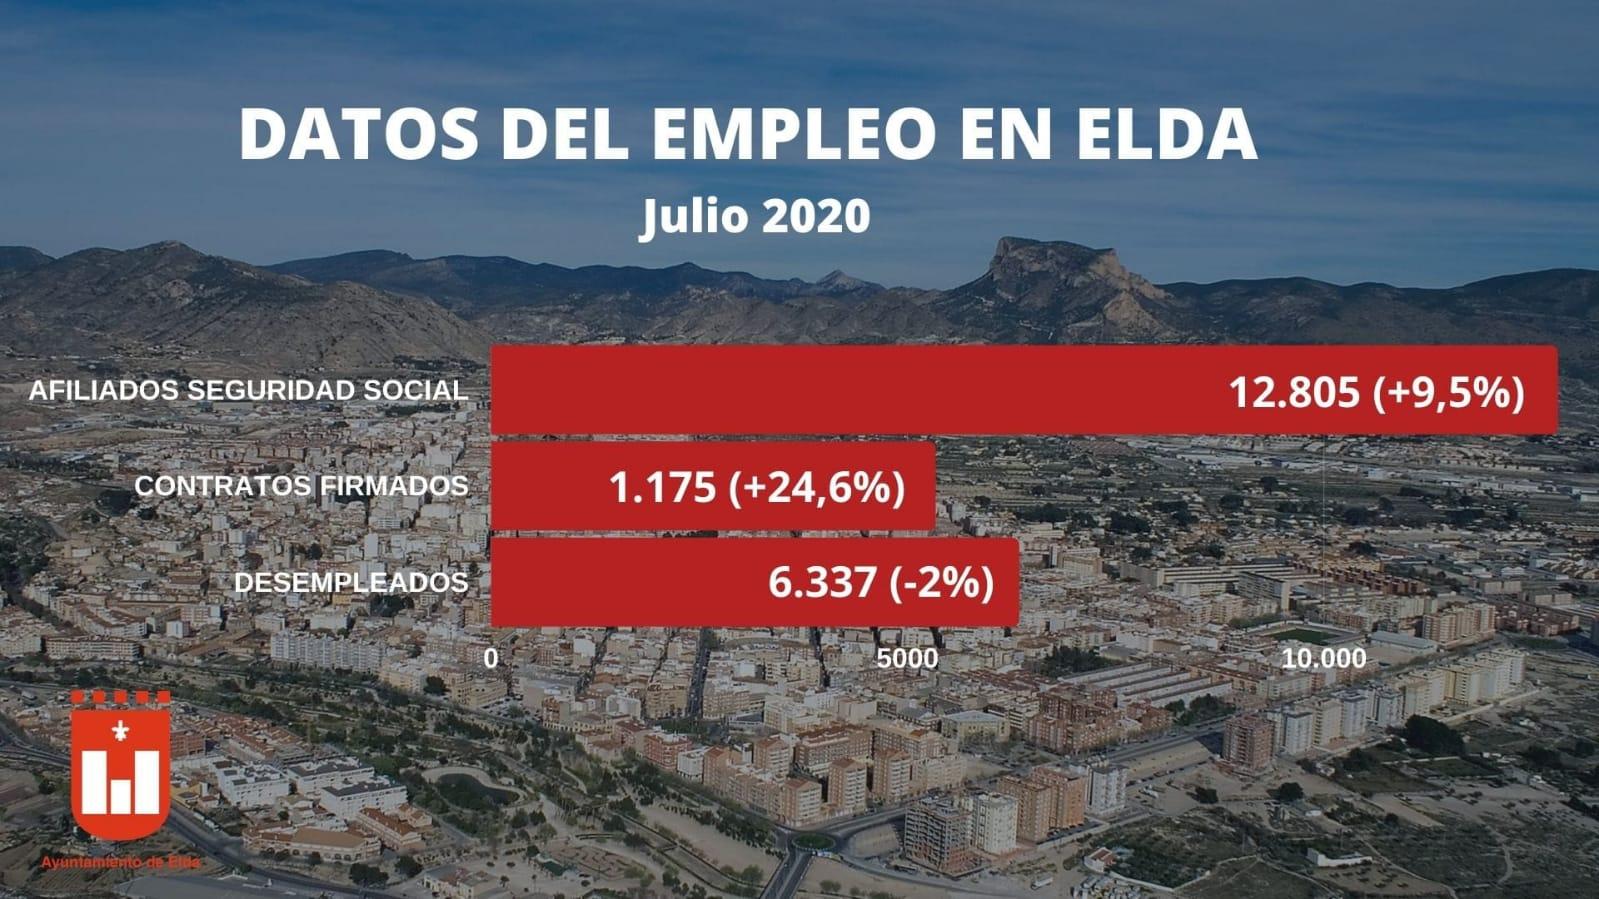 Elda lidera el aumento de la afiliación a la Seguridad Social en la Comunidad Valenciana tras el levantamiento del estado de alarma